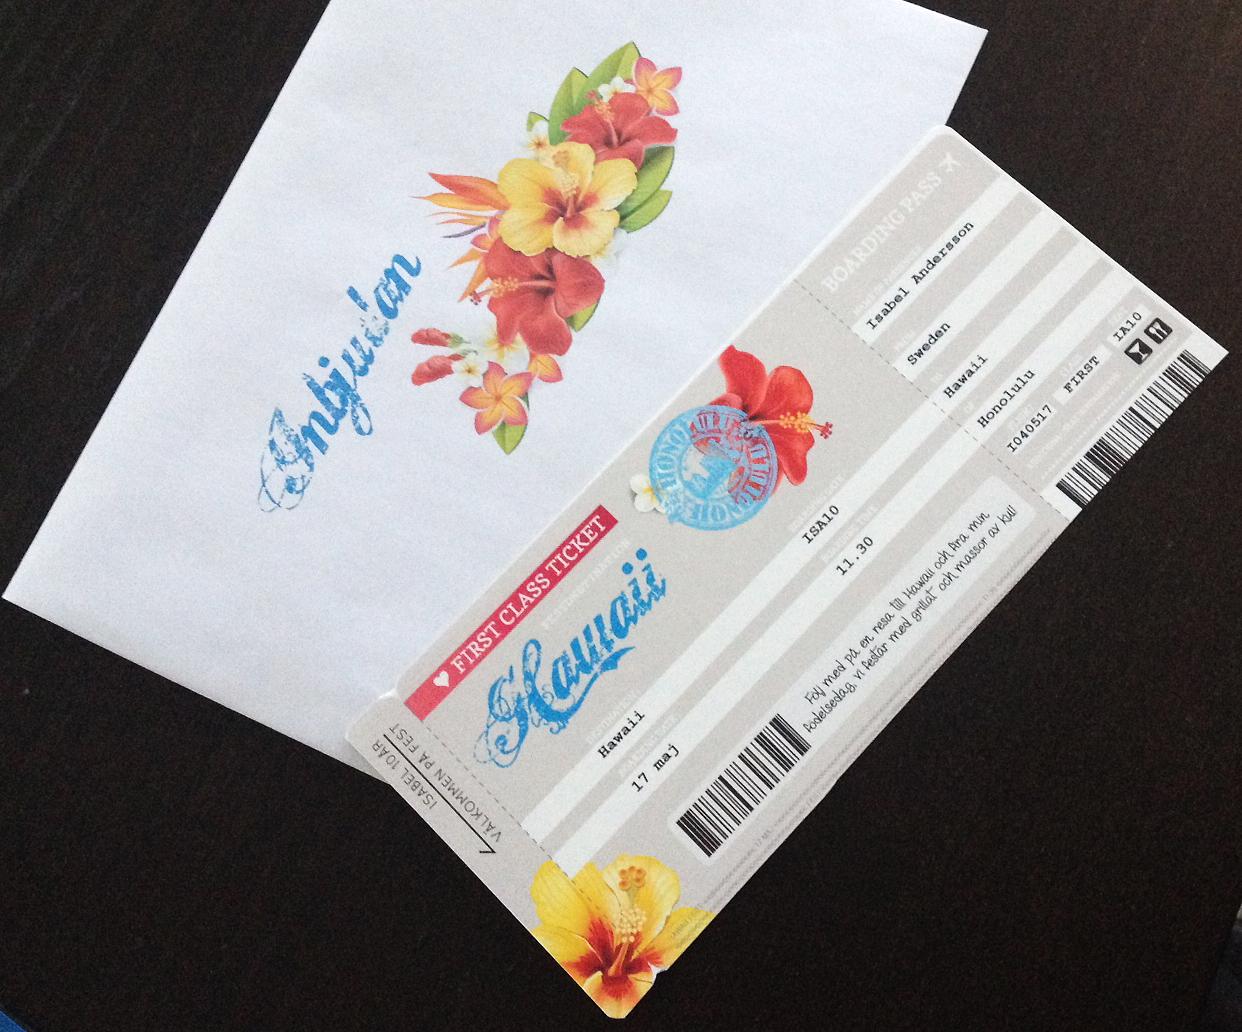 Susanna Soumah, Maria Soumah, S. Reklam & Design, Soumah, Event, Träff, Reklam,